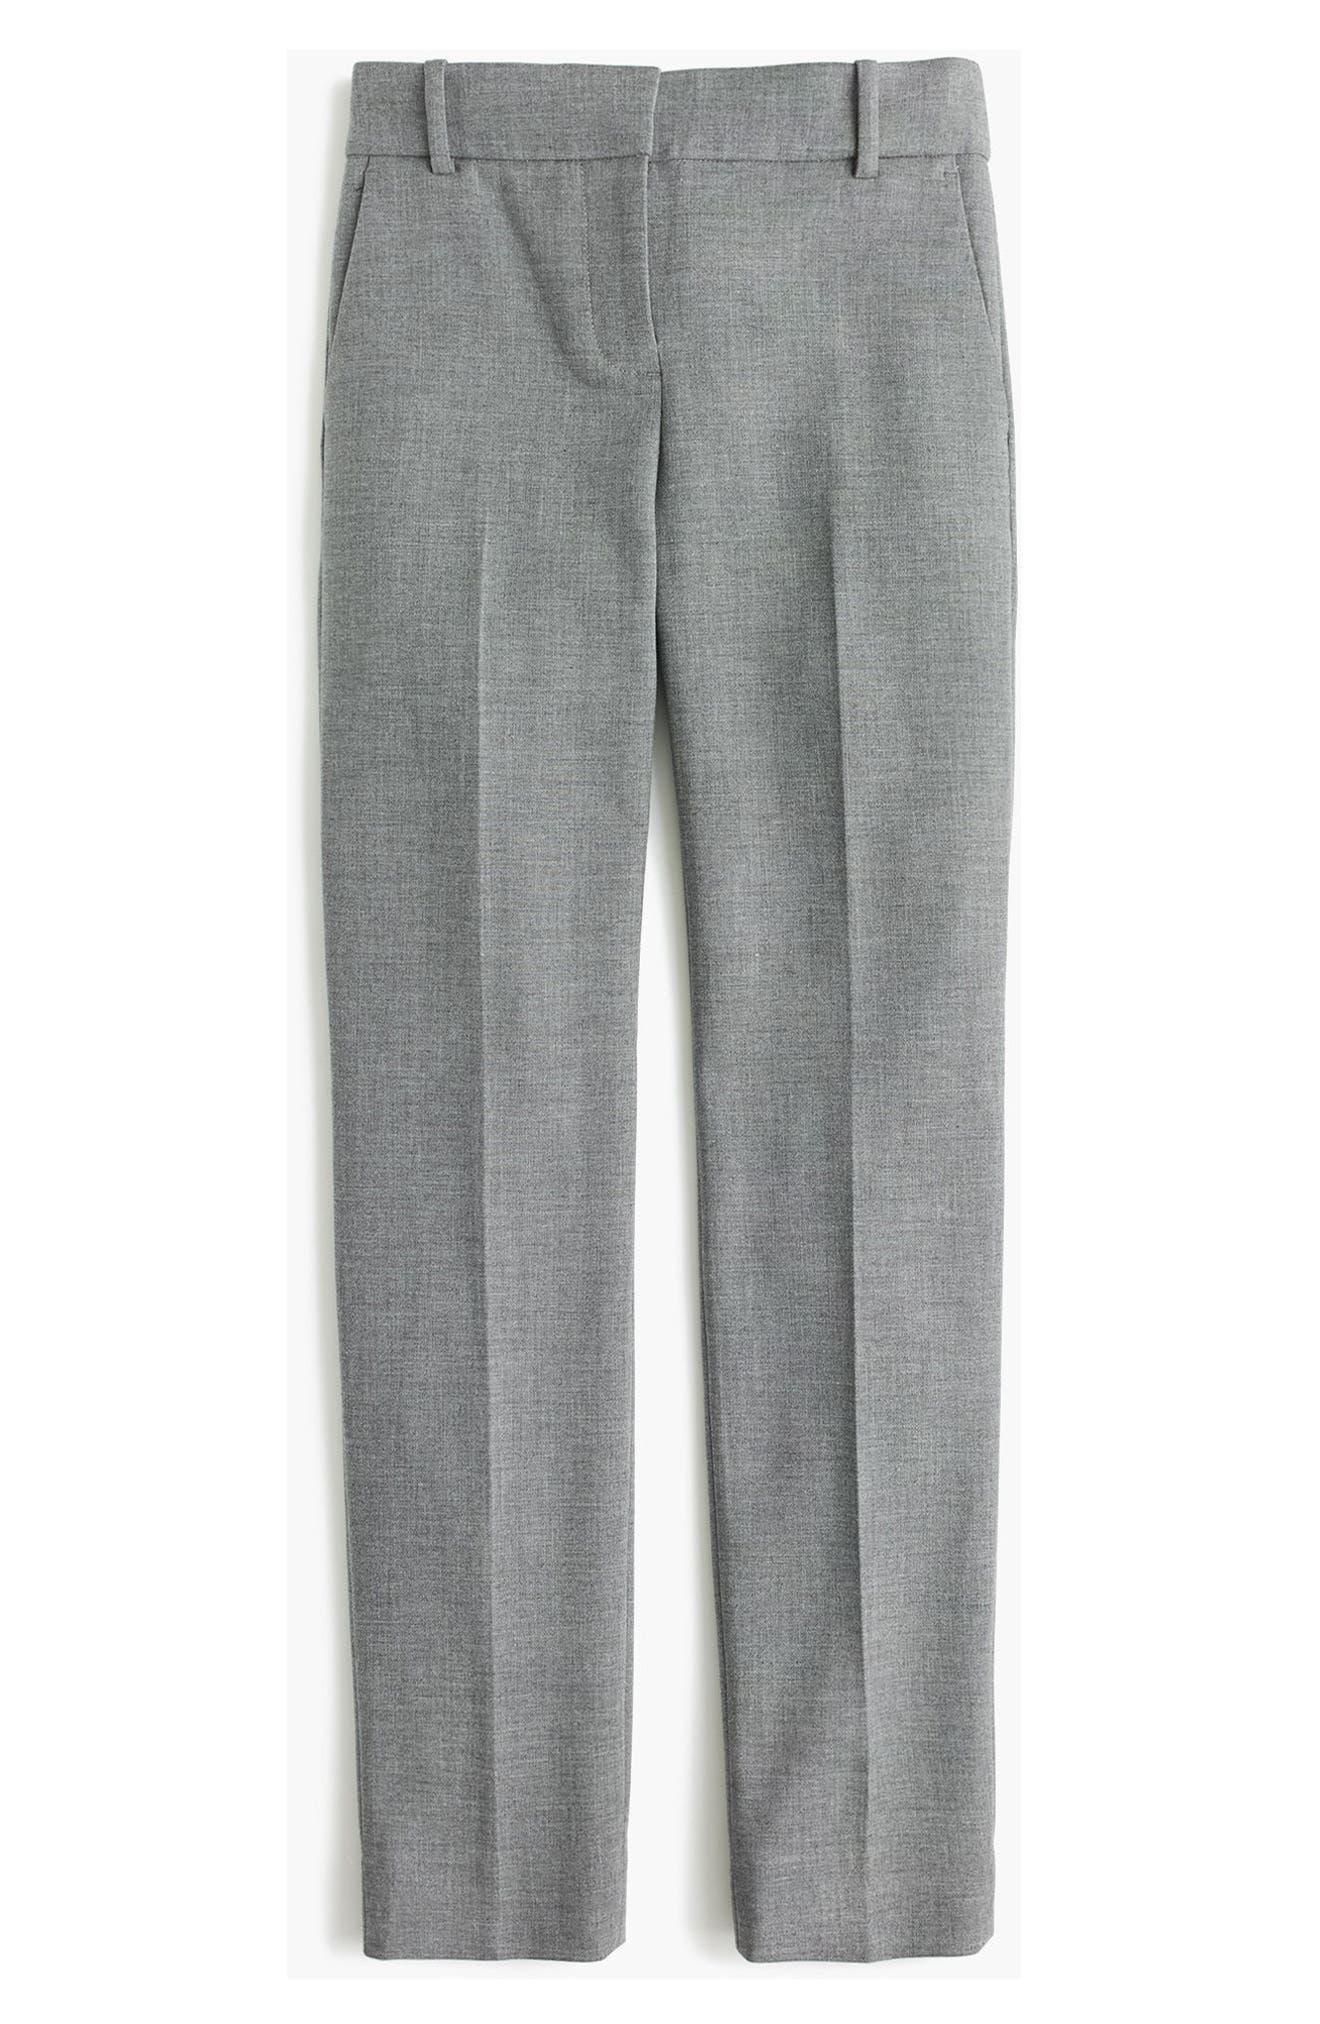 Cameron Four Season Crop Pants,                         Main,                         color, HEATHER GRAPHITE